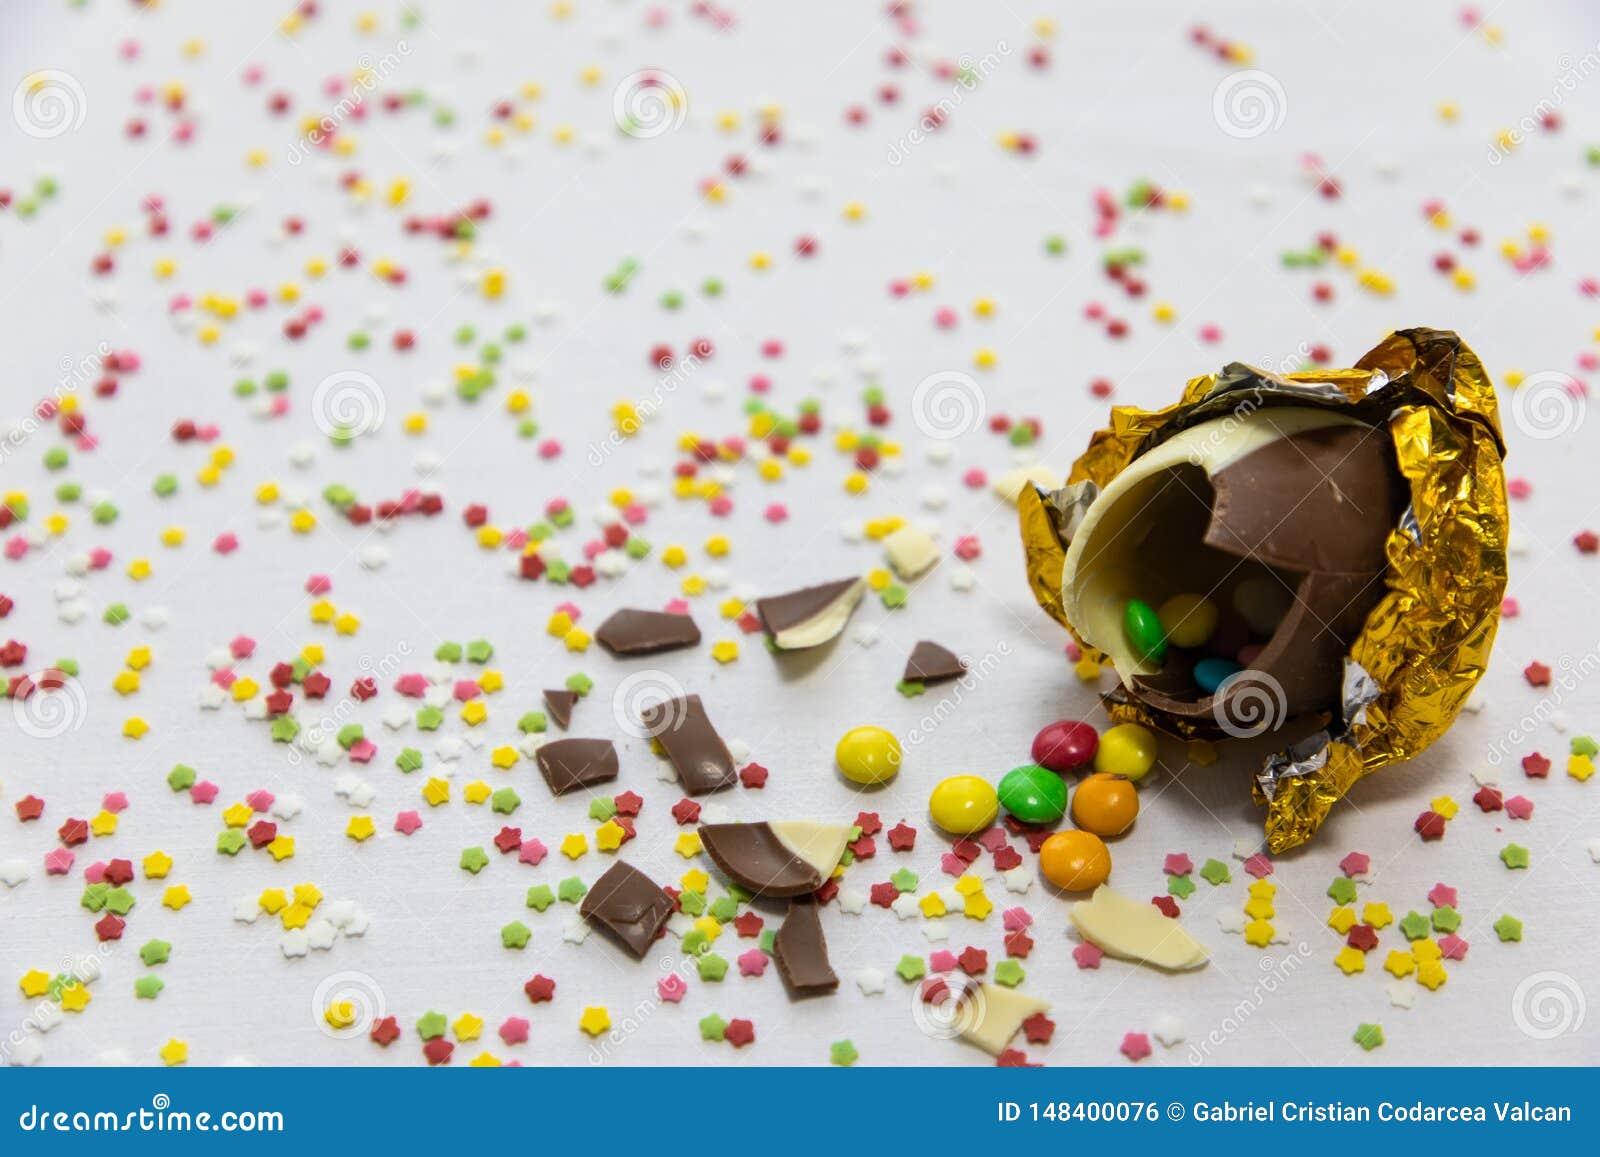 Oeufs de p?ques d or cass?s de chocolat avec des chocolats color?s ? l int?rieur sur le fond blanc avec les confettis brouill?s c